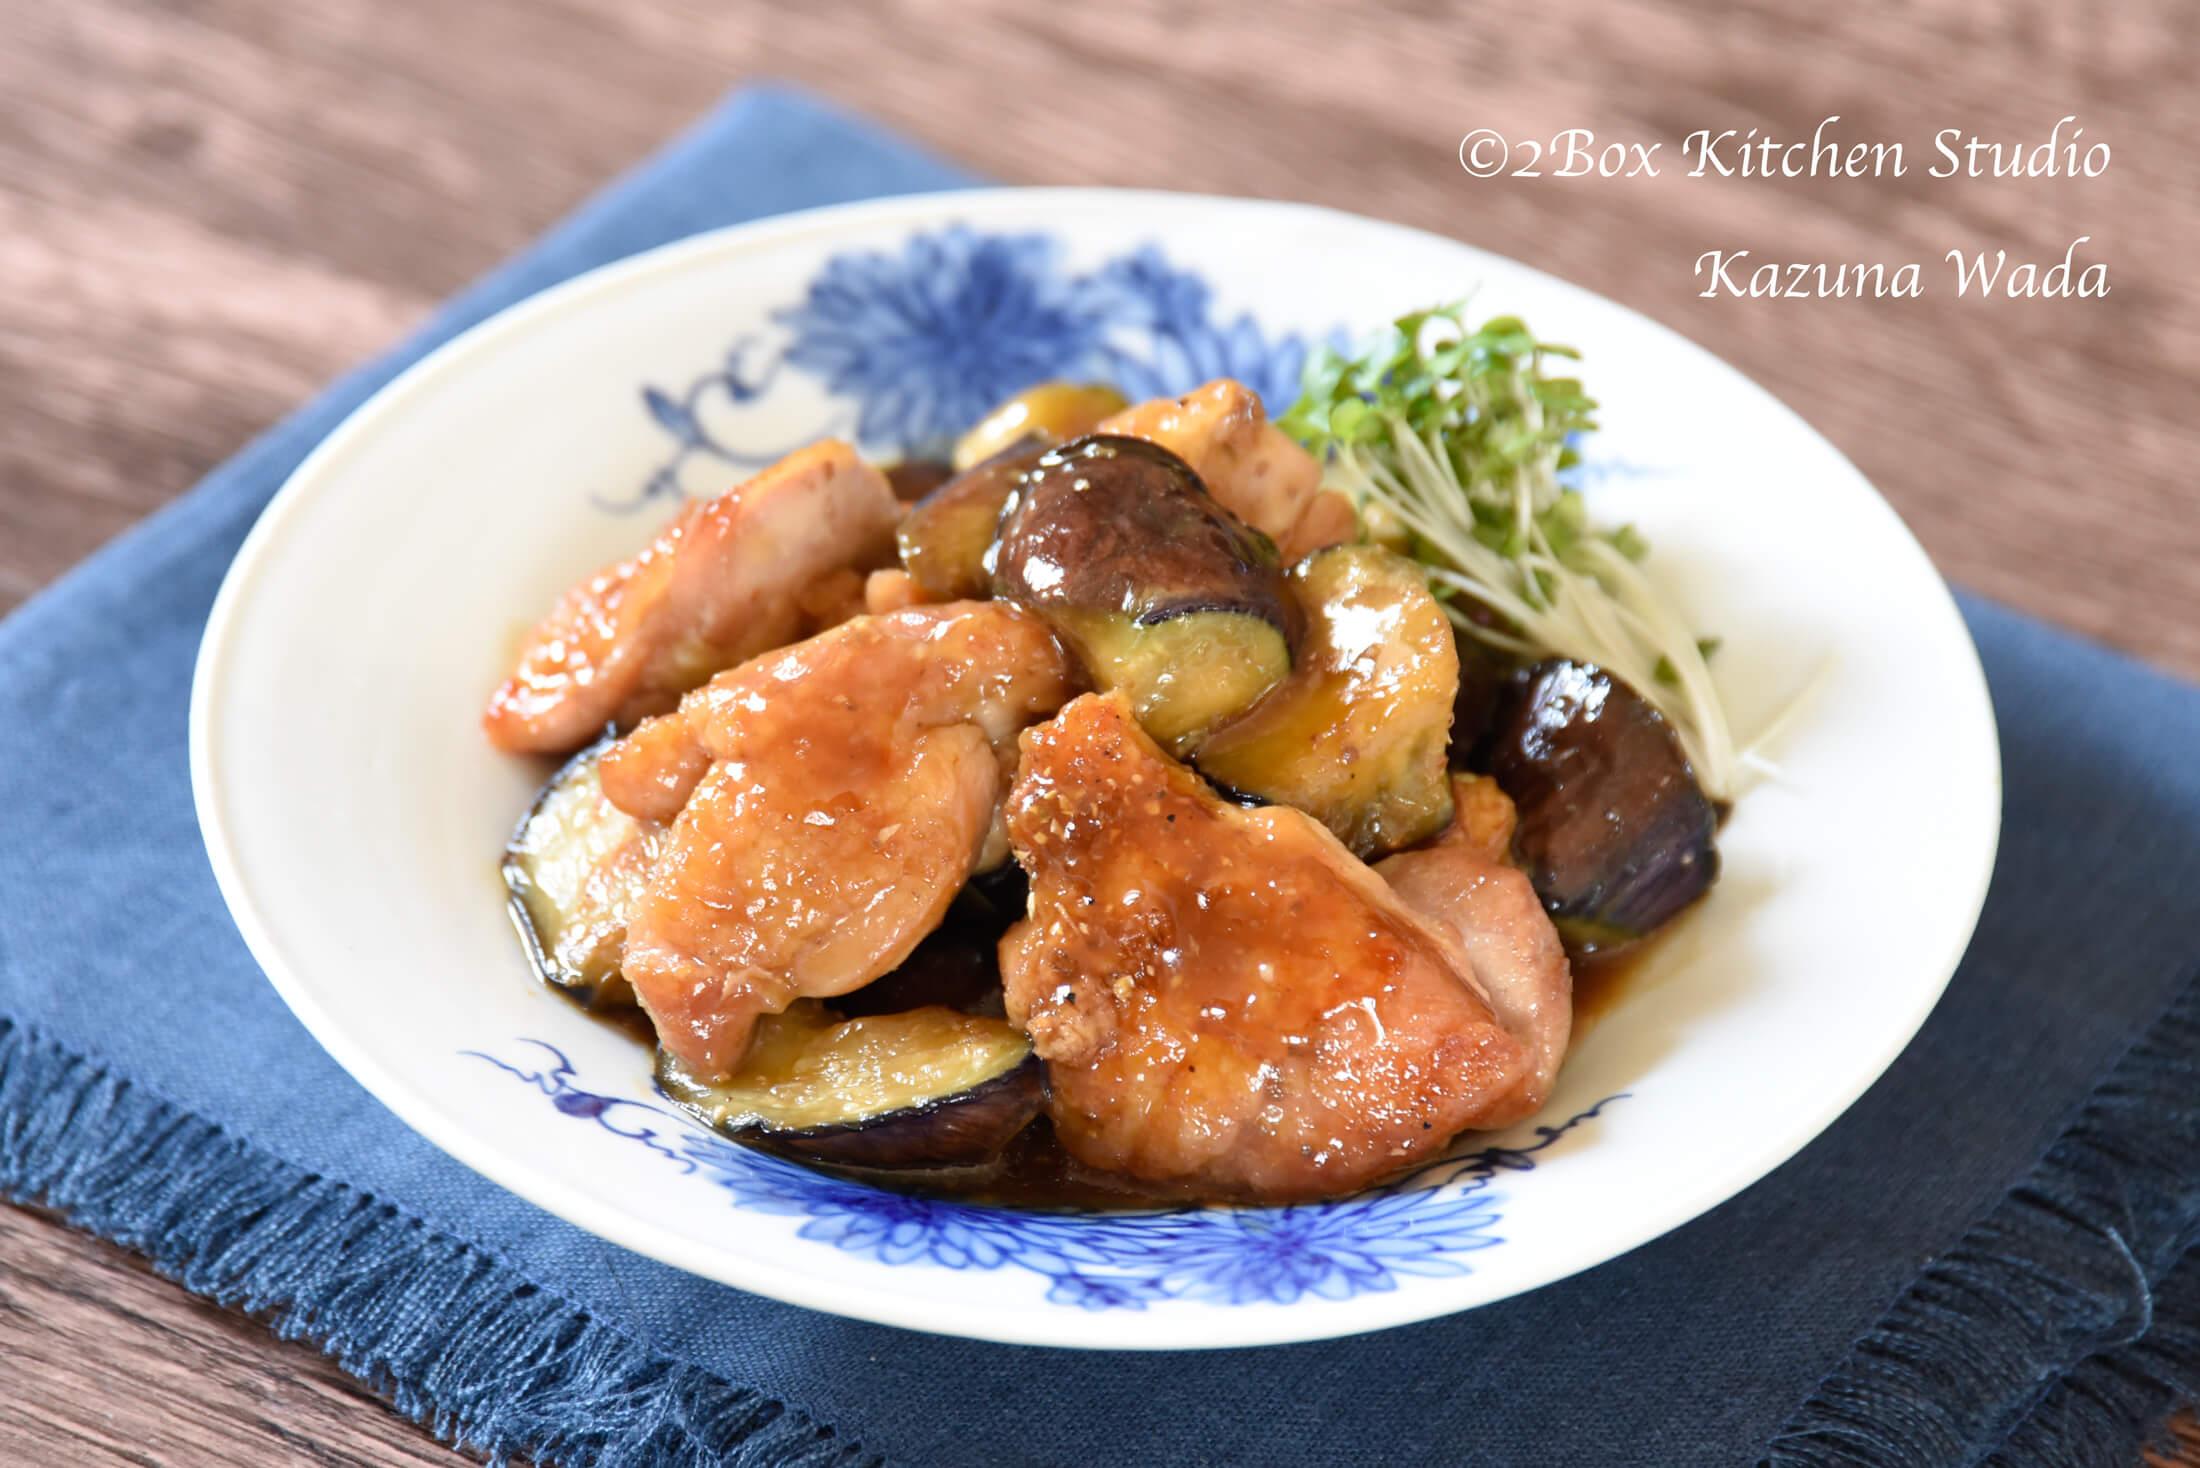 わさび山椒風味の鶏肉照り焼き完成写真